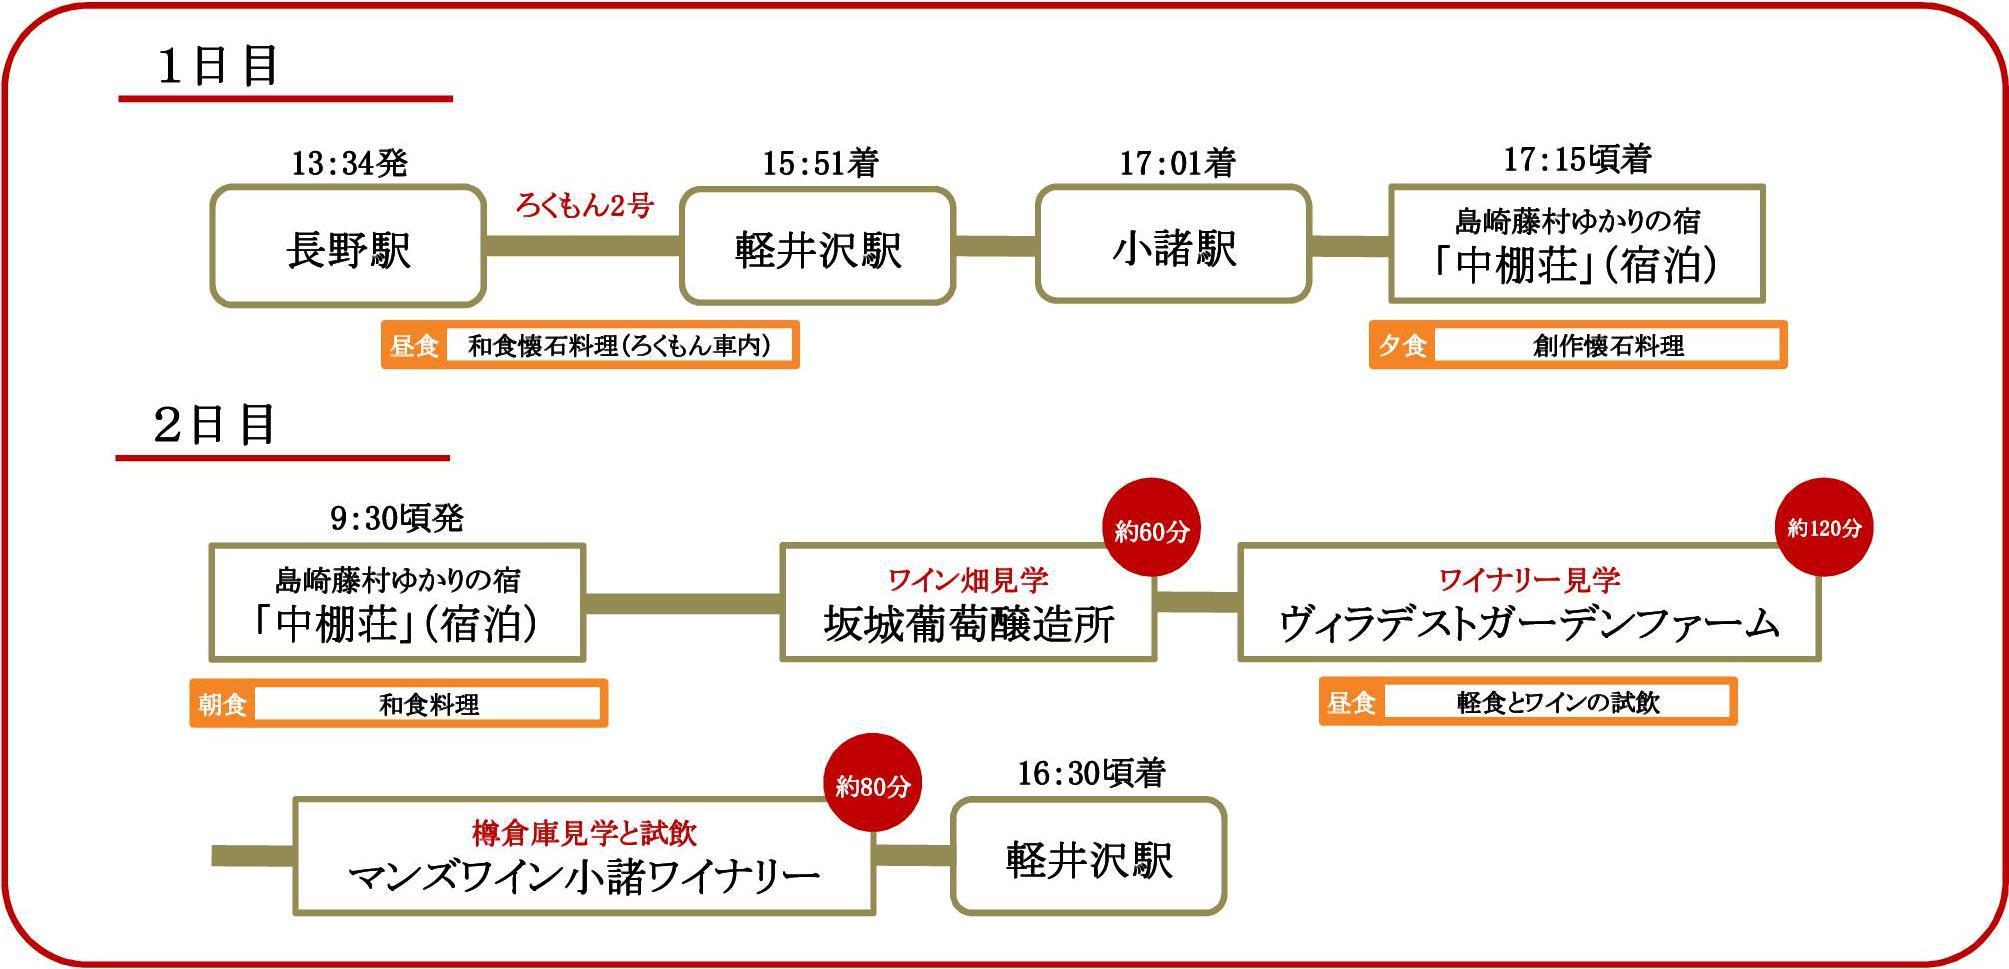 クルーズプラン工程表1